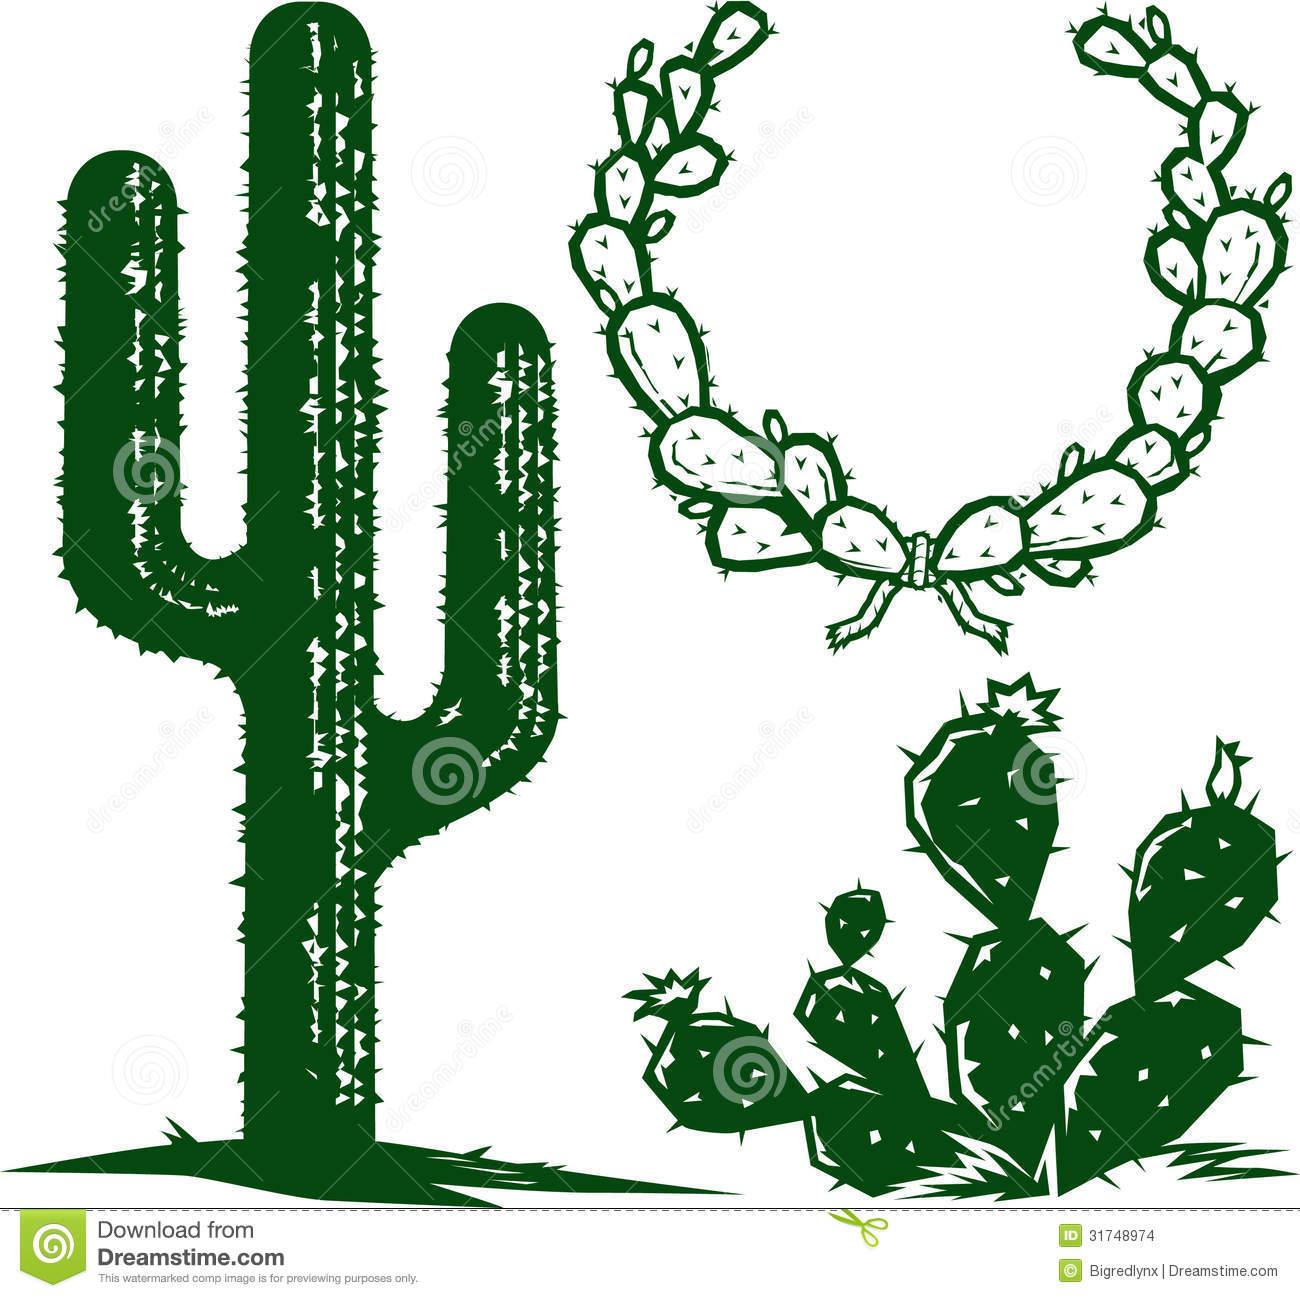 Cactus silhouette clip art.